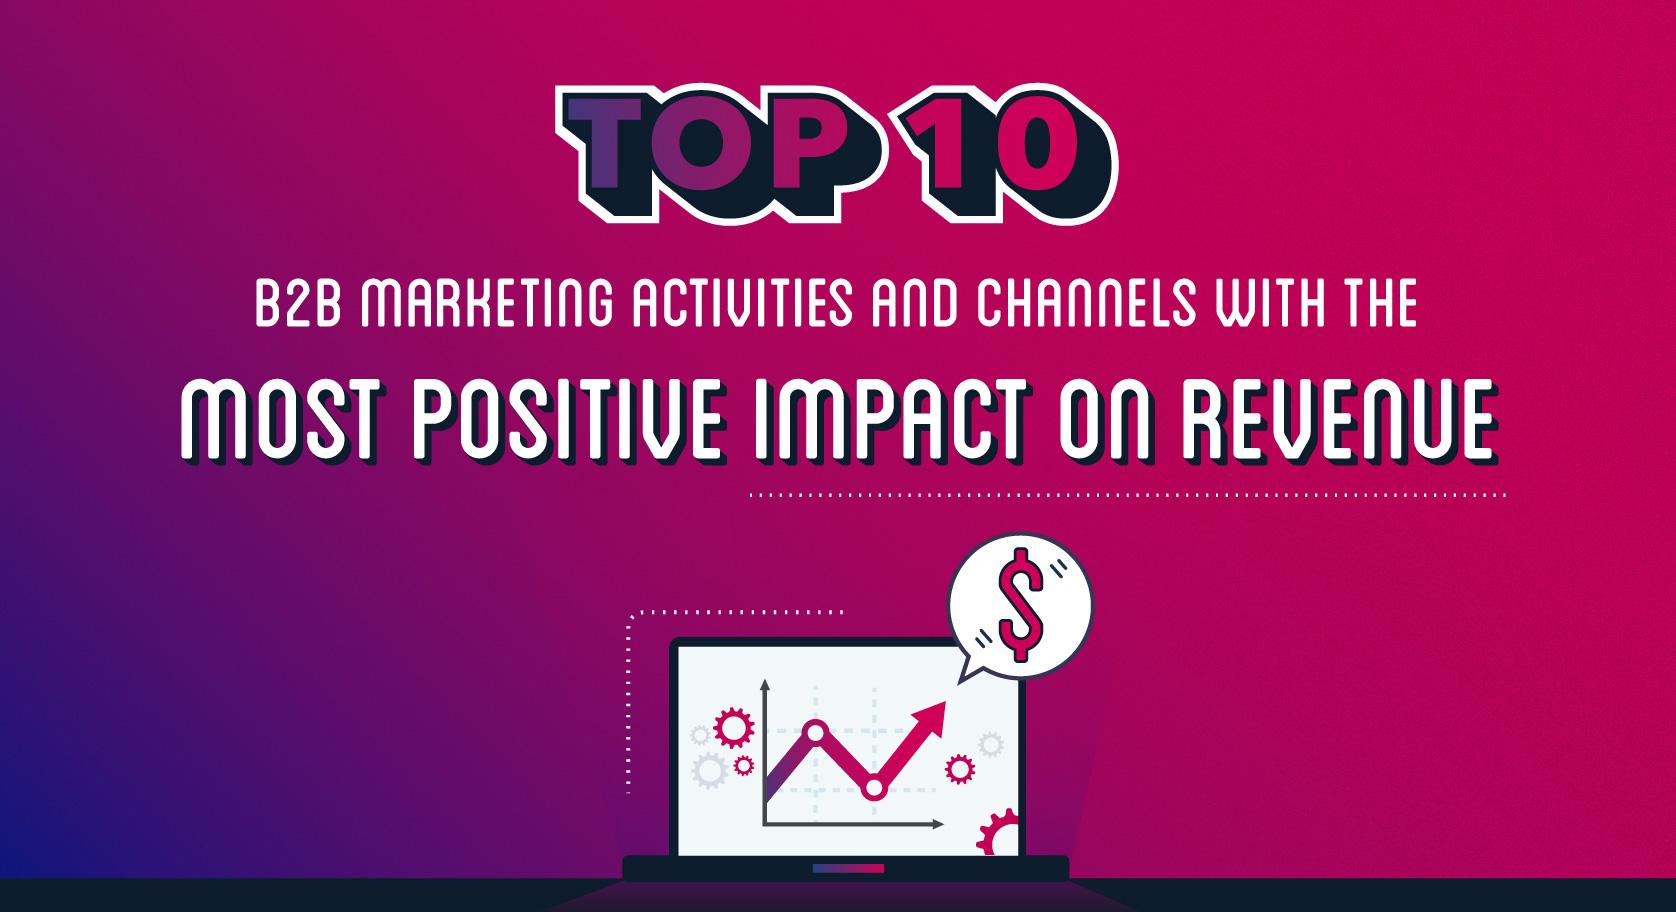 Infographic Top 10 Pipeline Marketing Activities | Uberflip